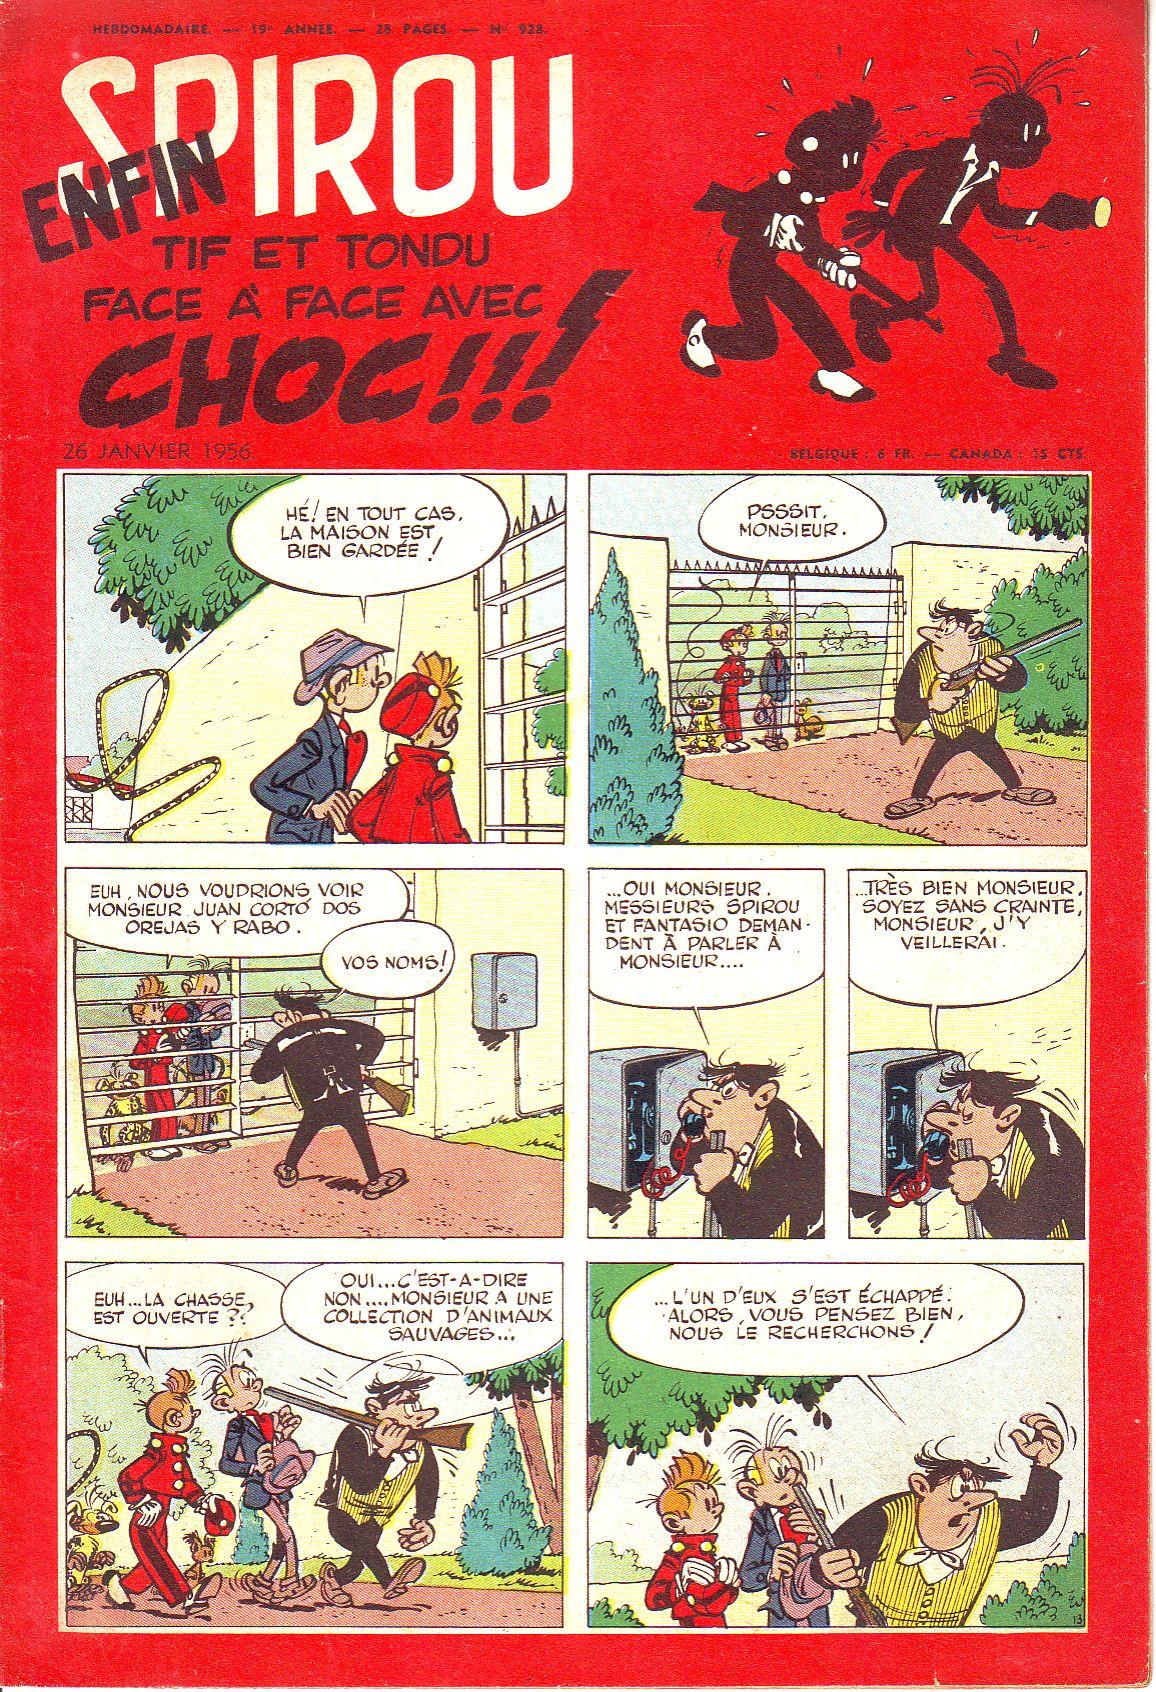 Le journal de Spirou 928